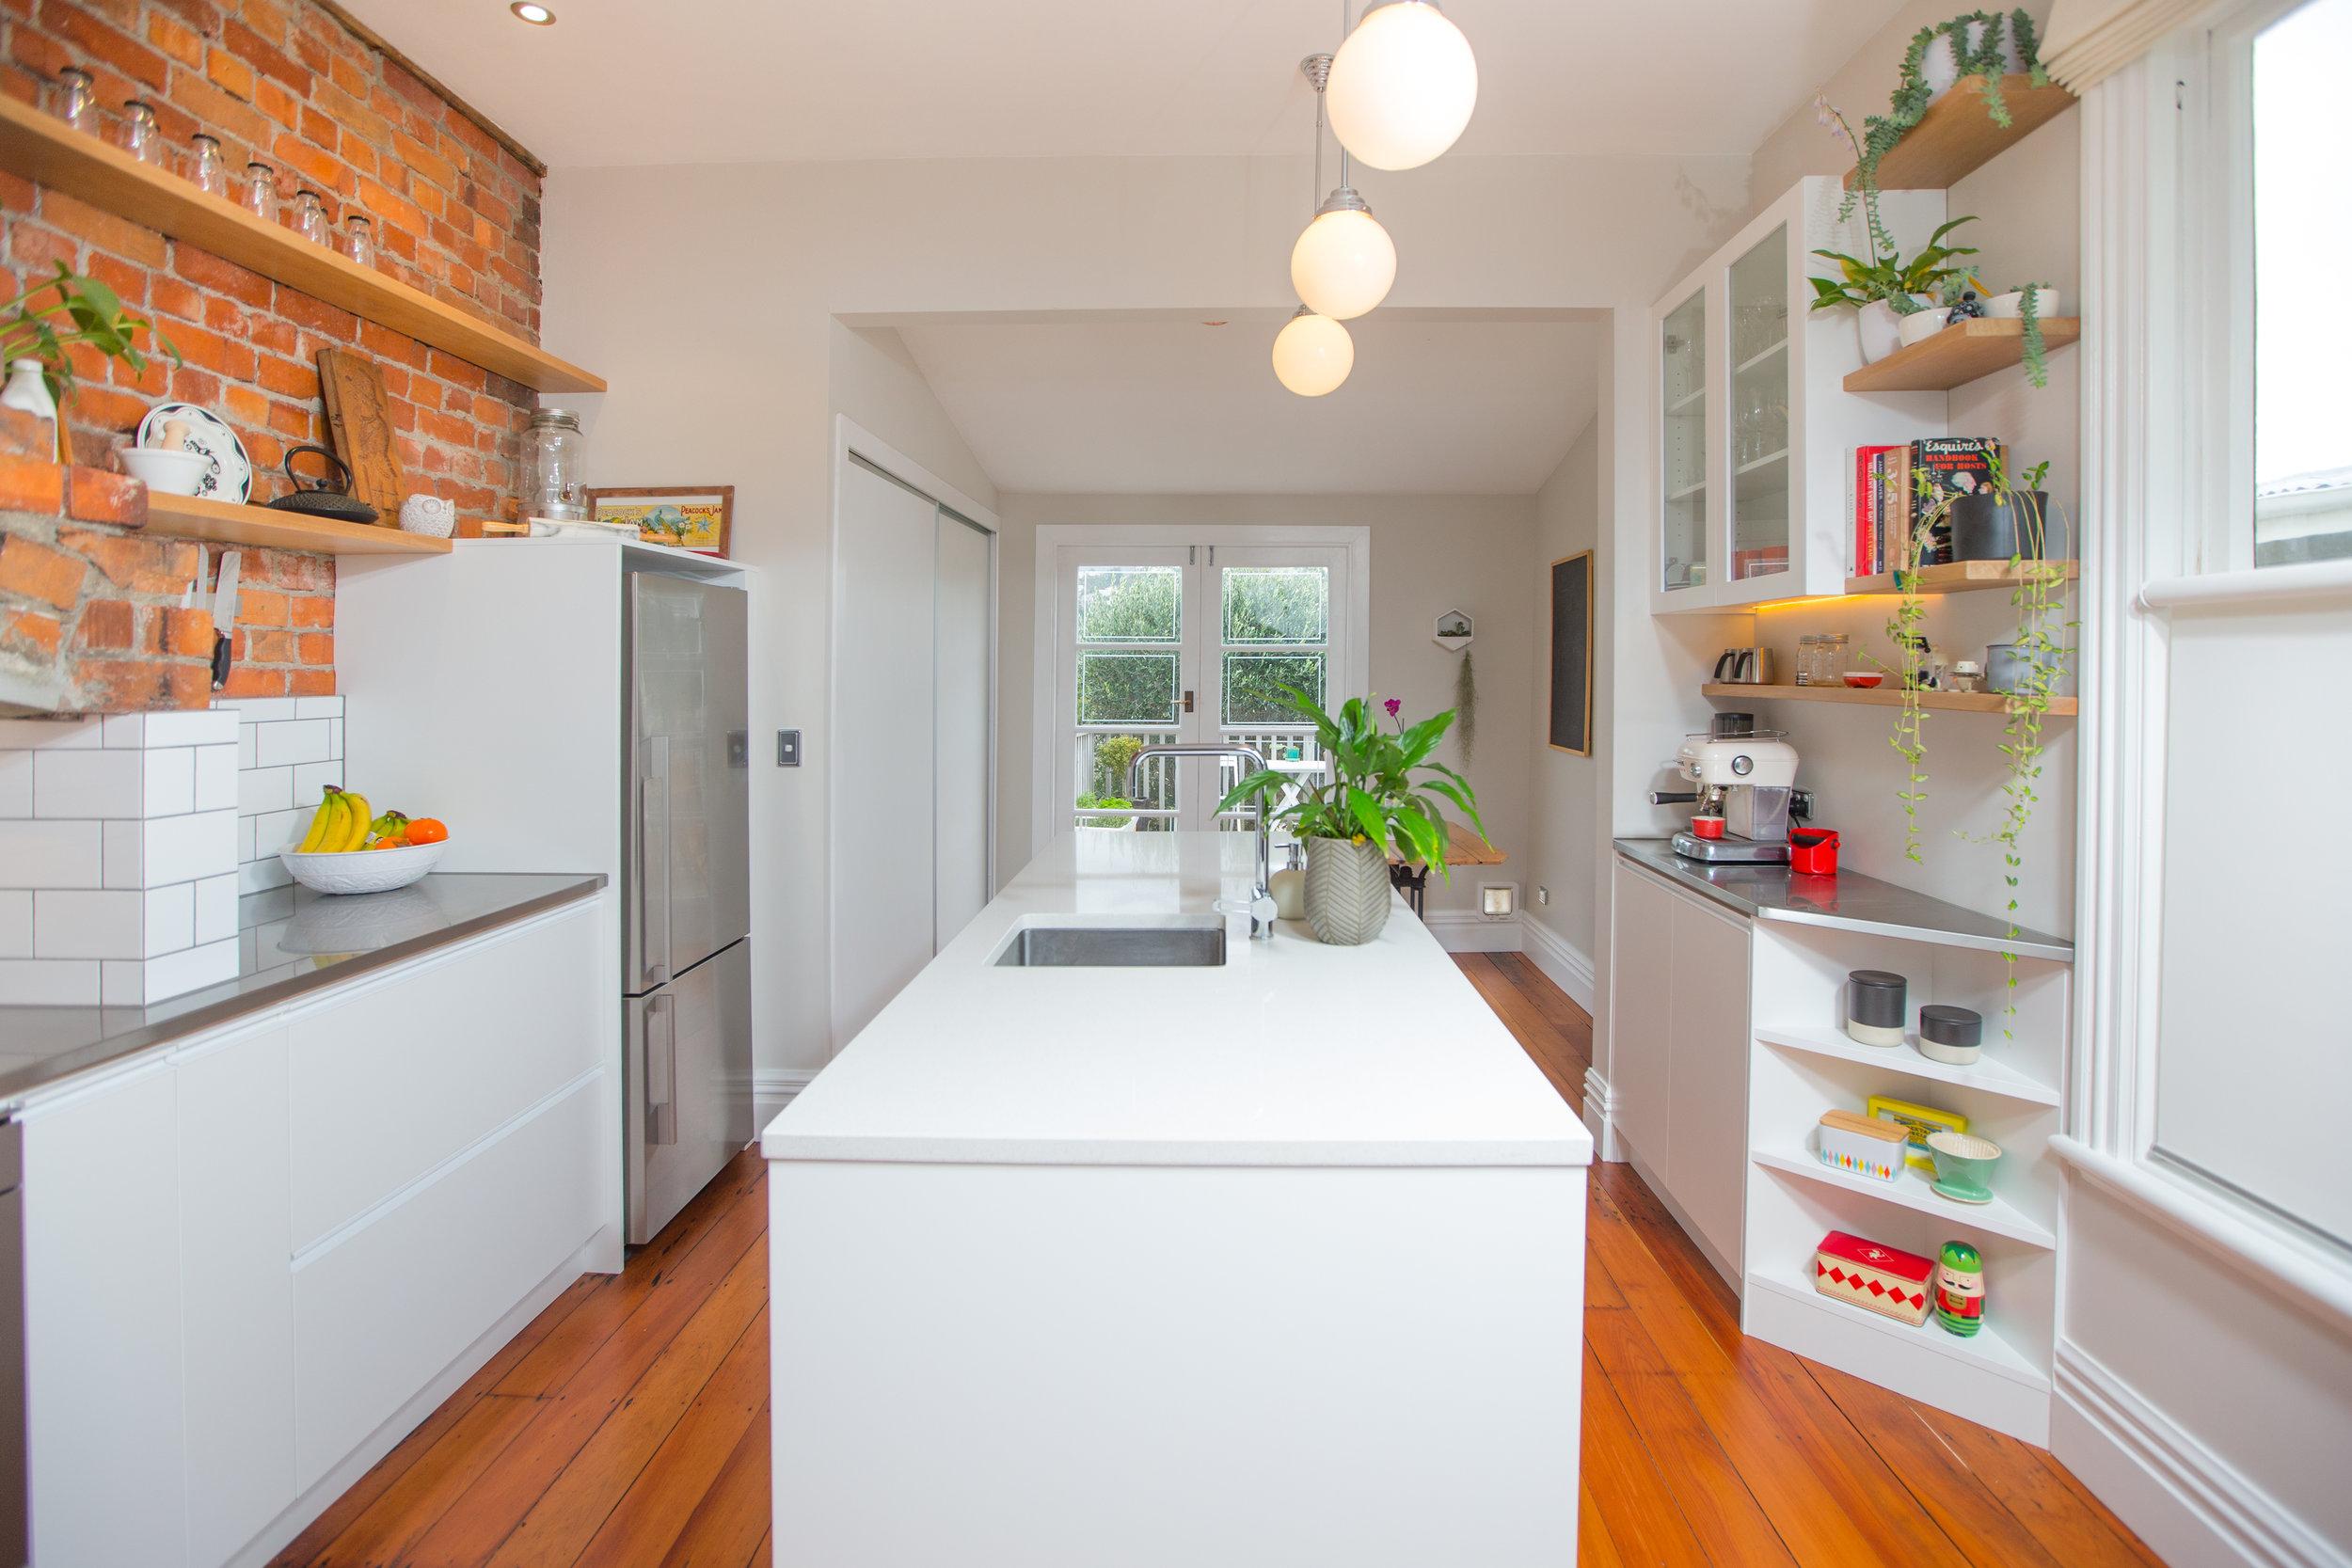 In Haus Design Kitchen 14.jpg